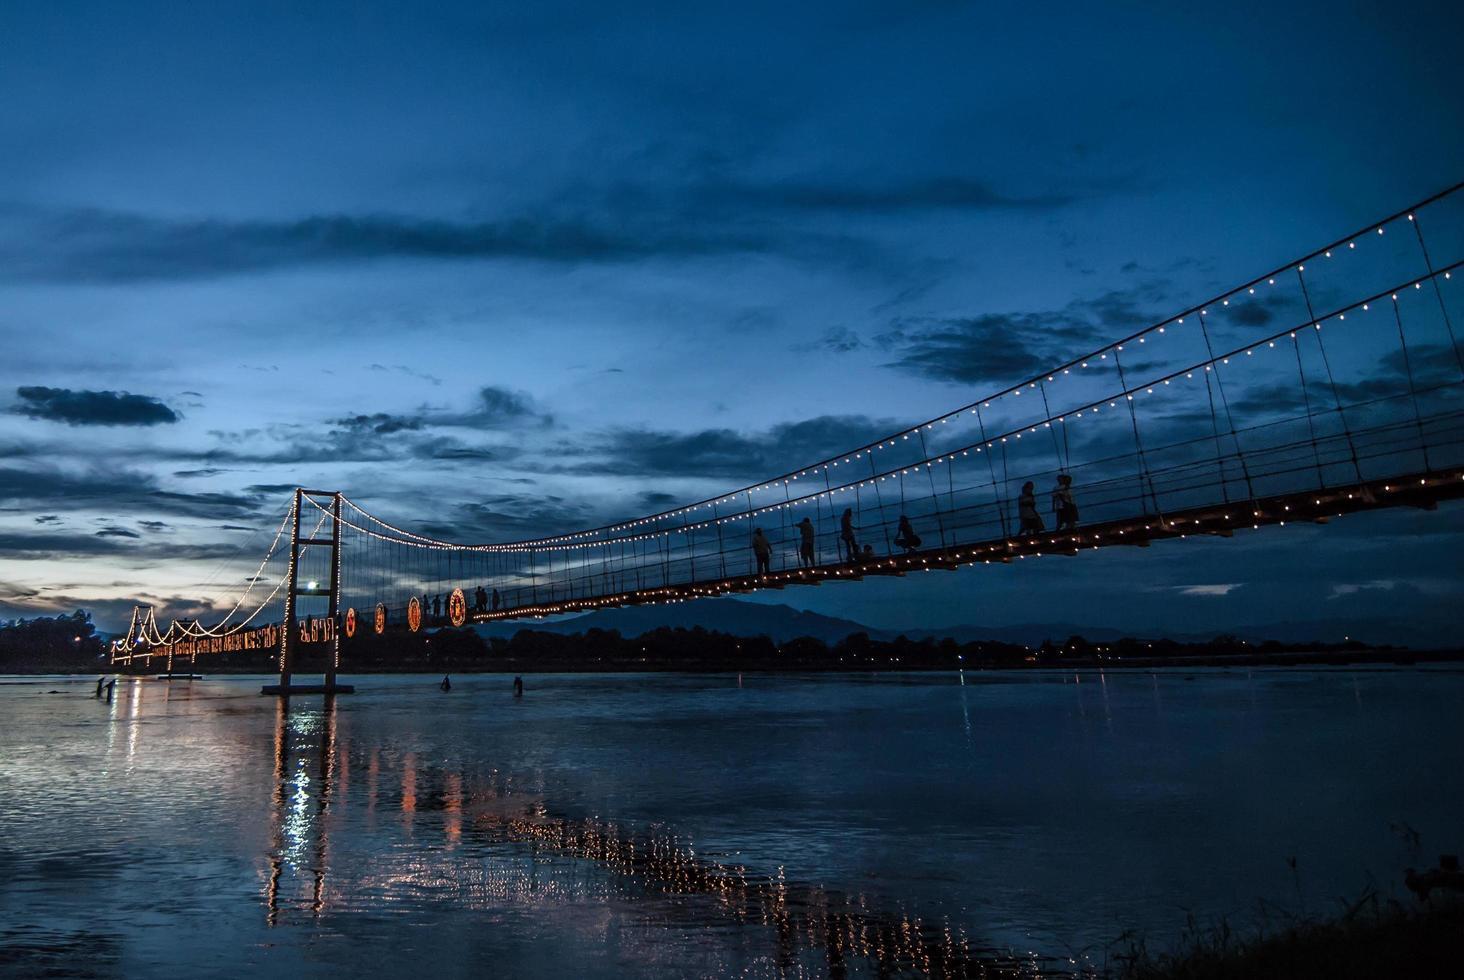 el viejo puente de madera foto